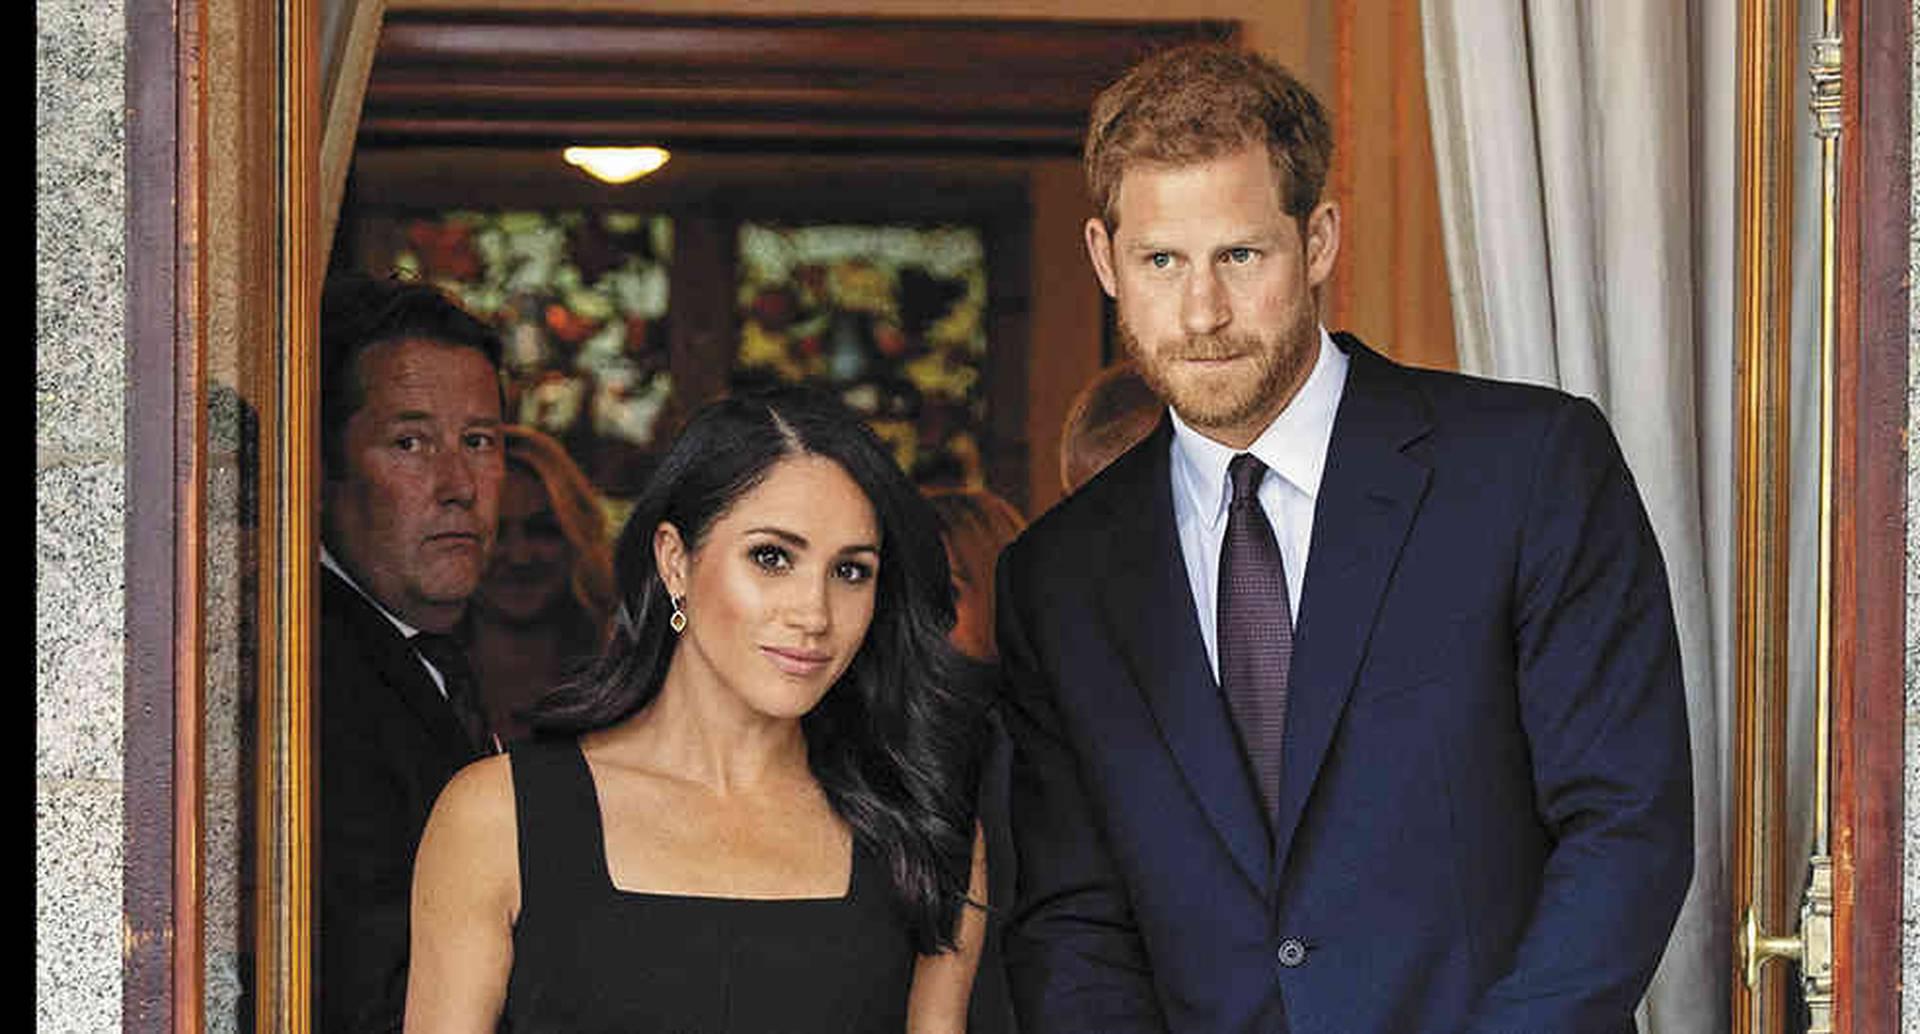 El pasado septiembre, Harry y Meghan revelaron públicamente sus problemas con la atención de los medios.